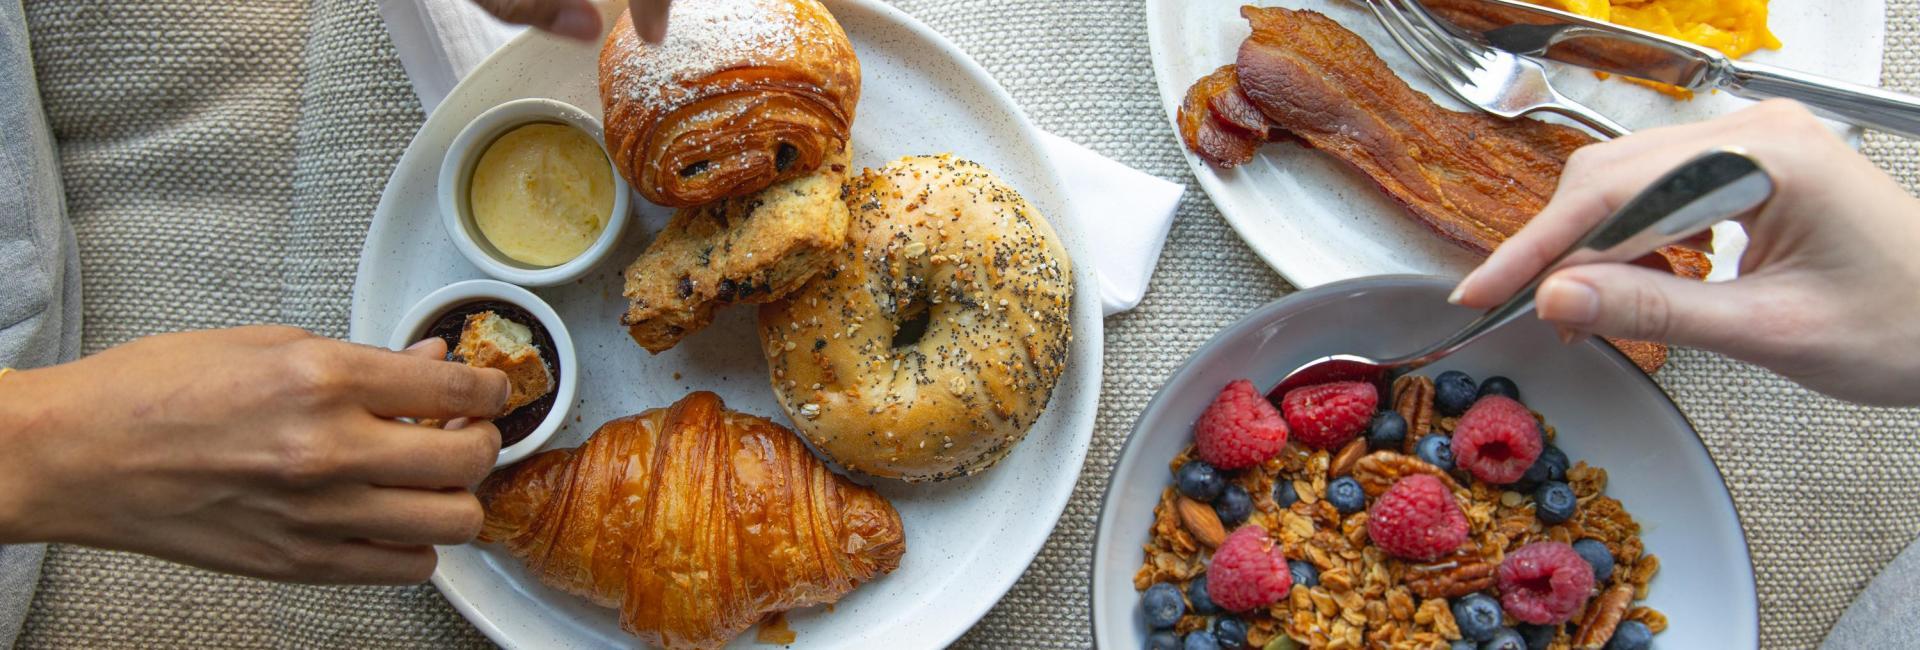 CP Breakfast in Bed